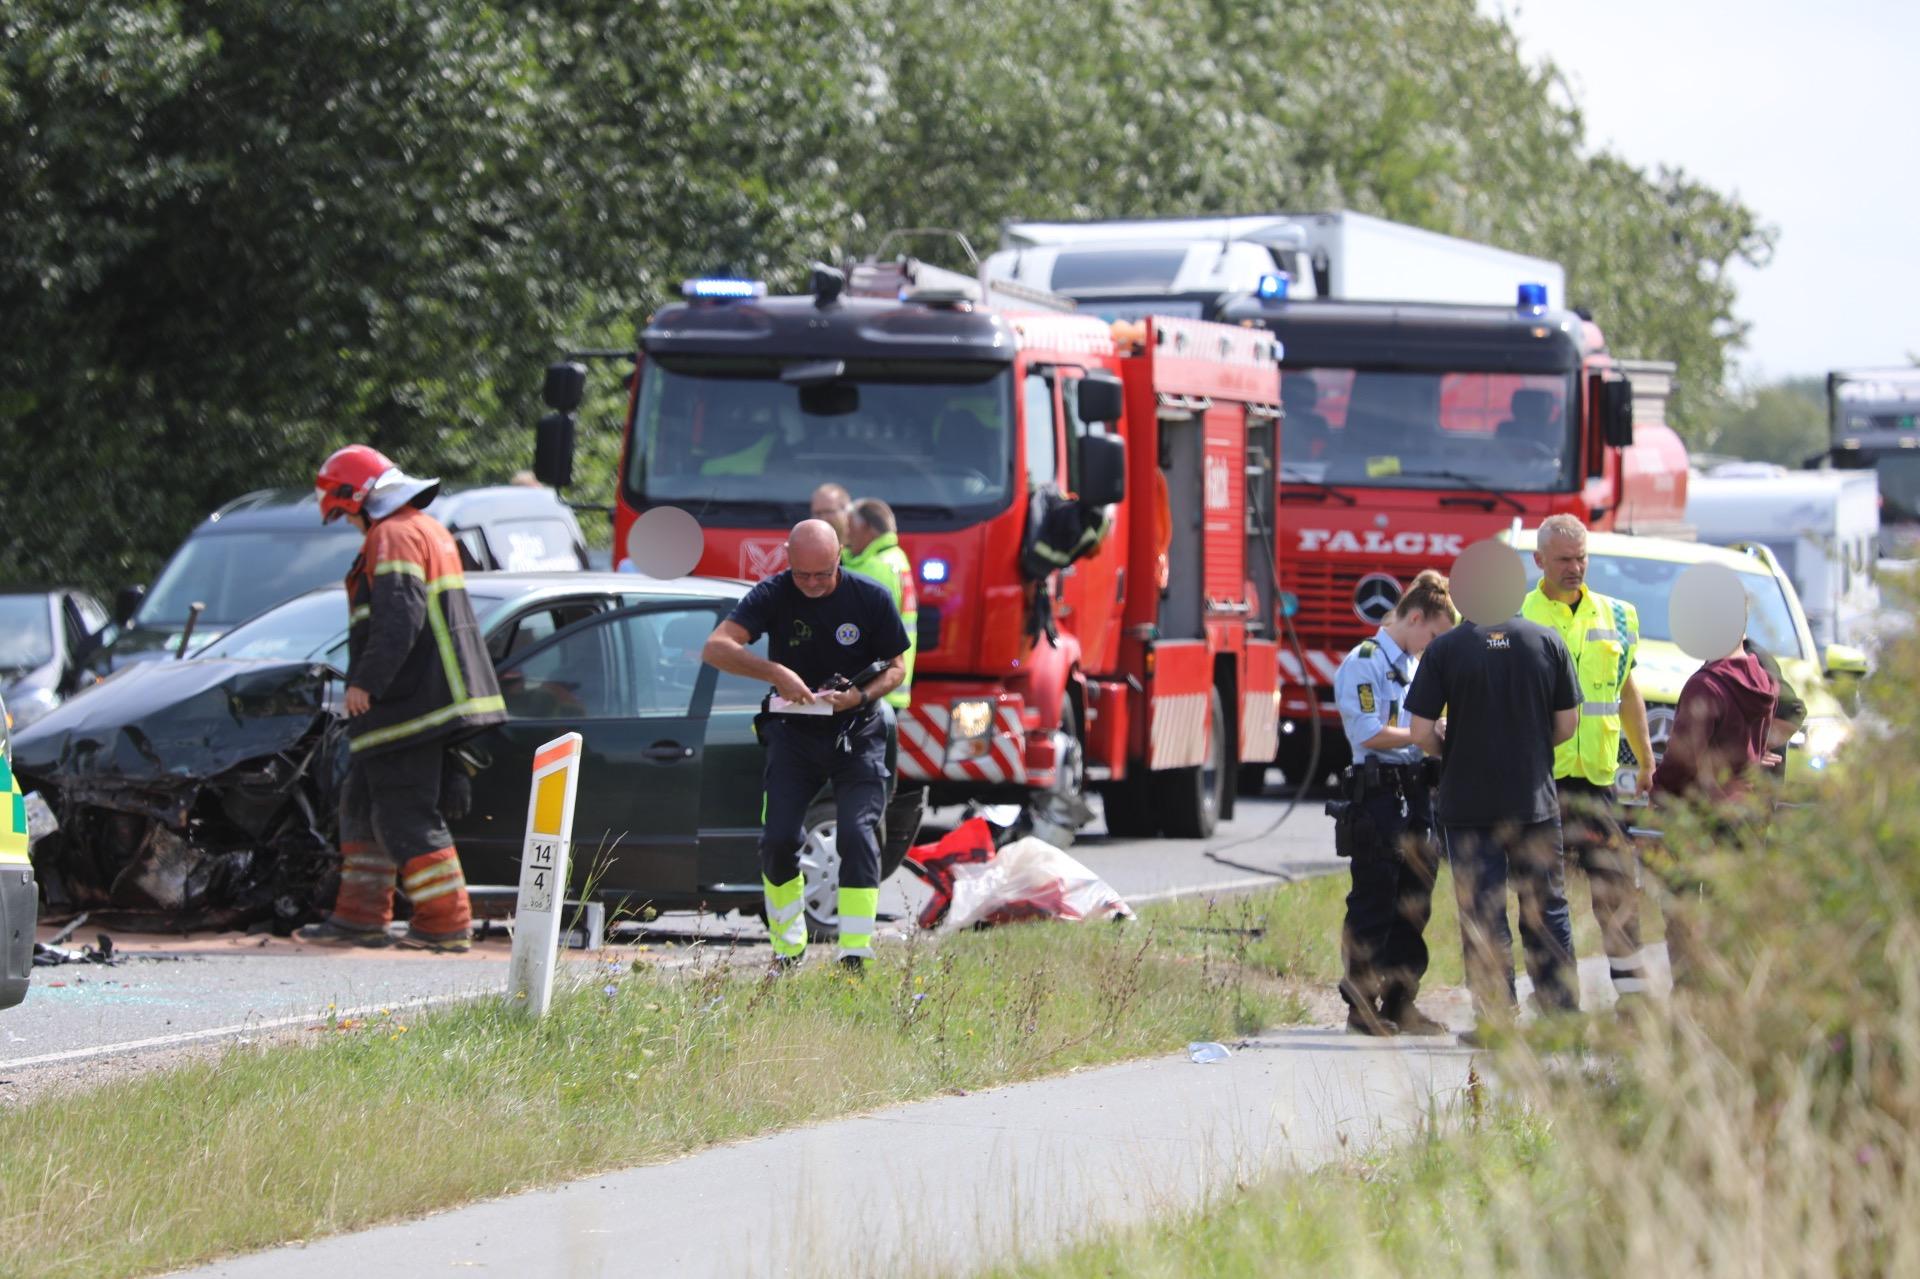 To biler kørt frontalt sammen - melding om fastklemte